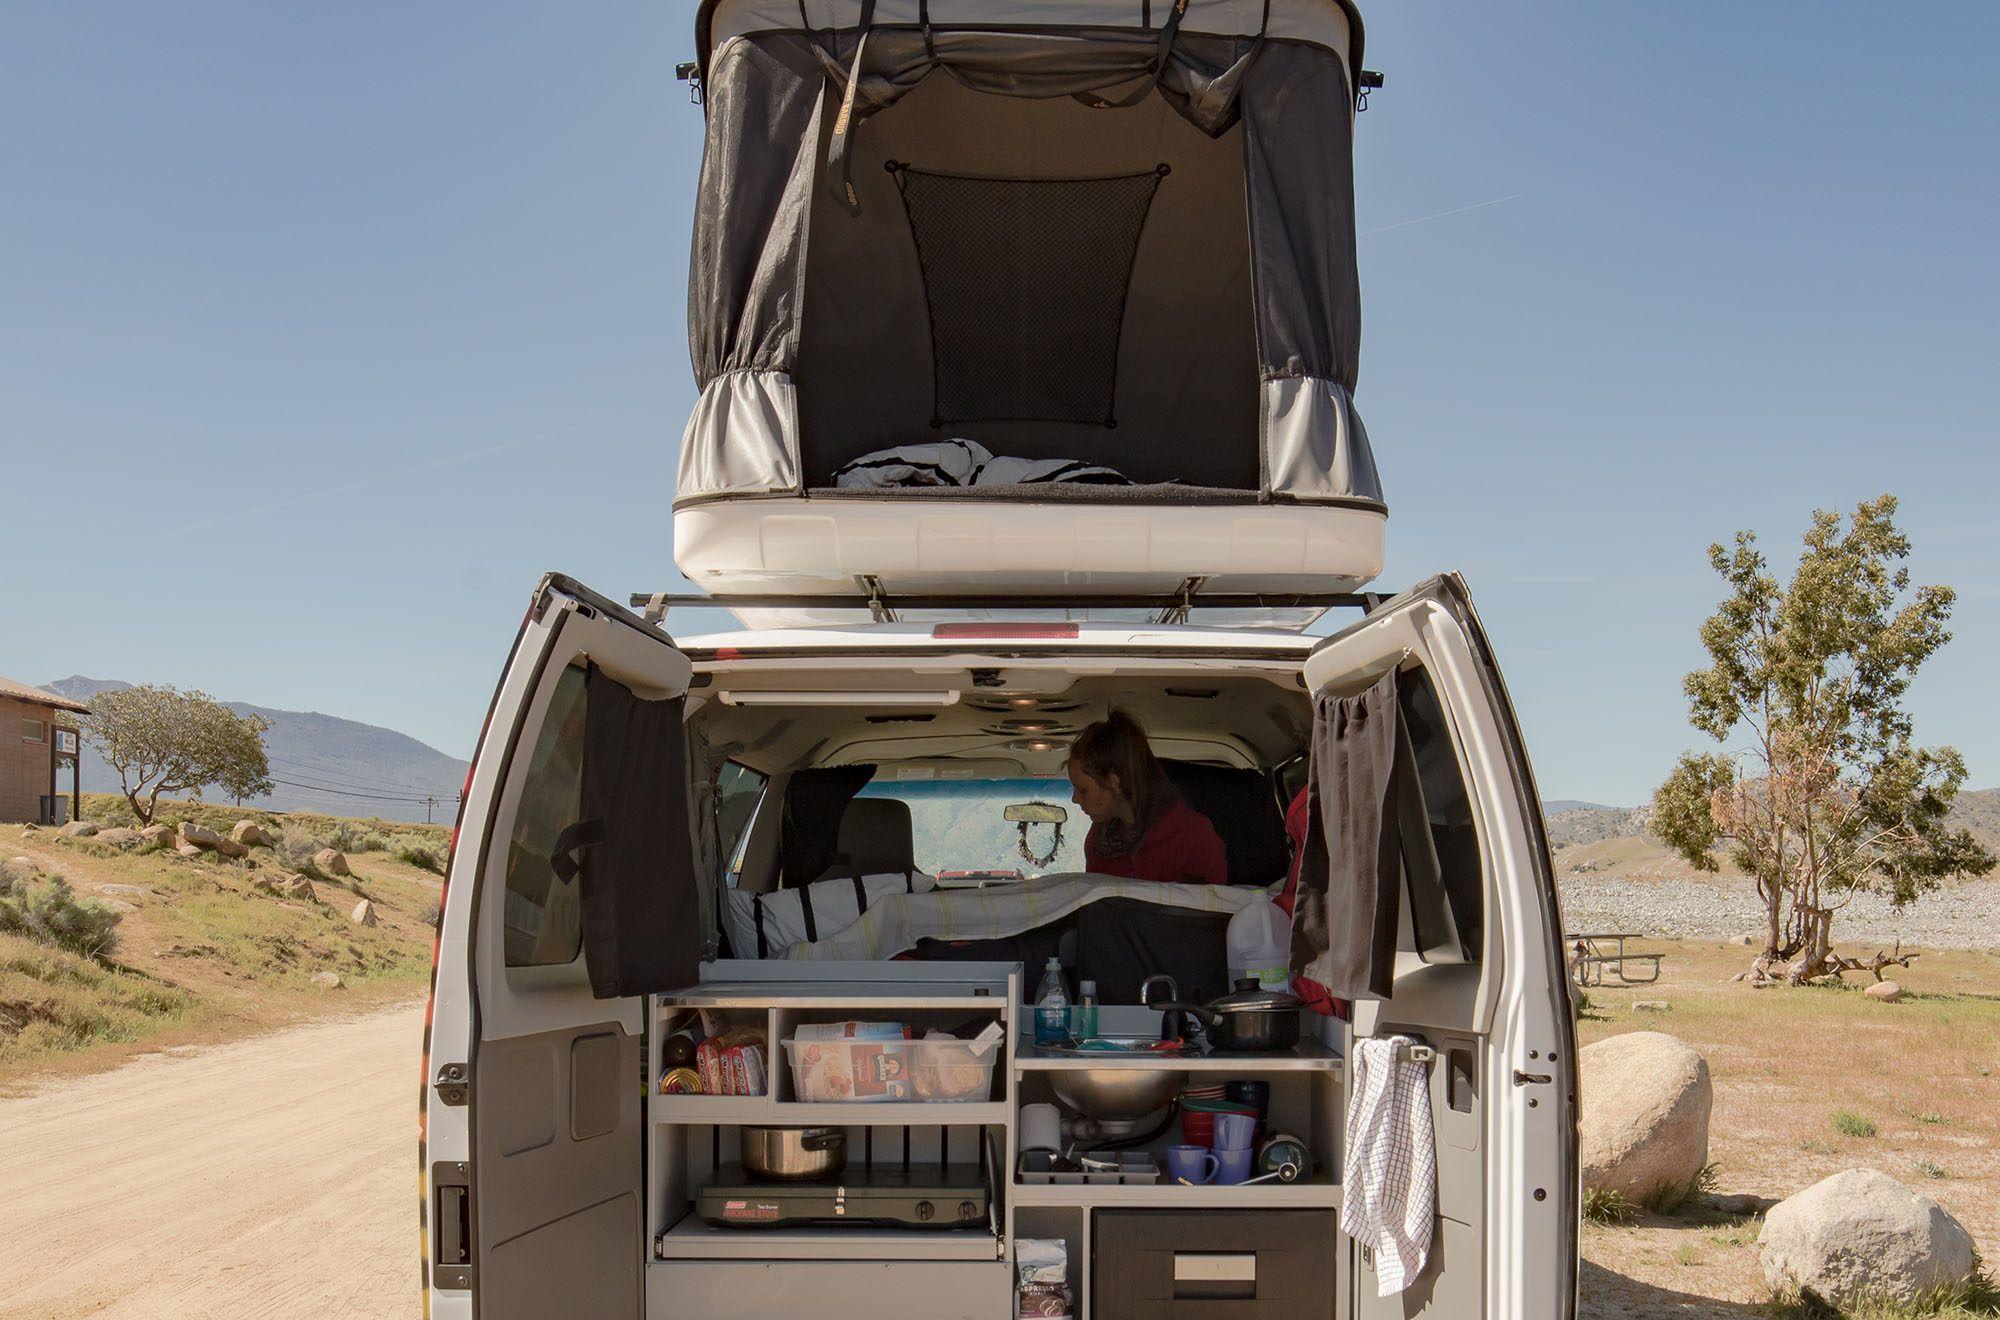 Mavericks Campervan 4 Berth Campervan Rental 4 berth